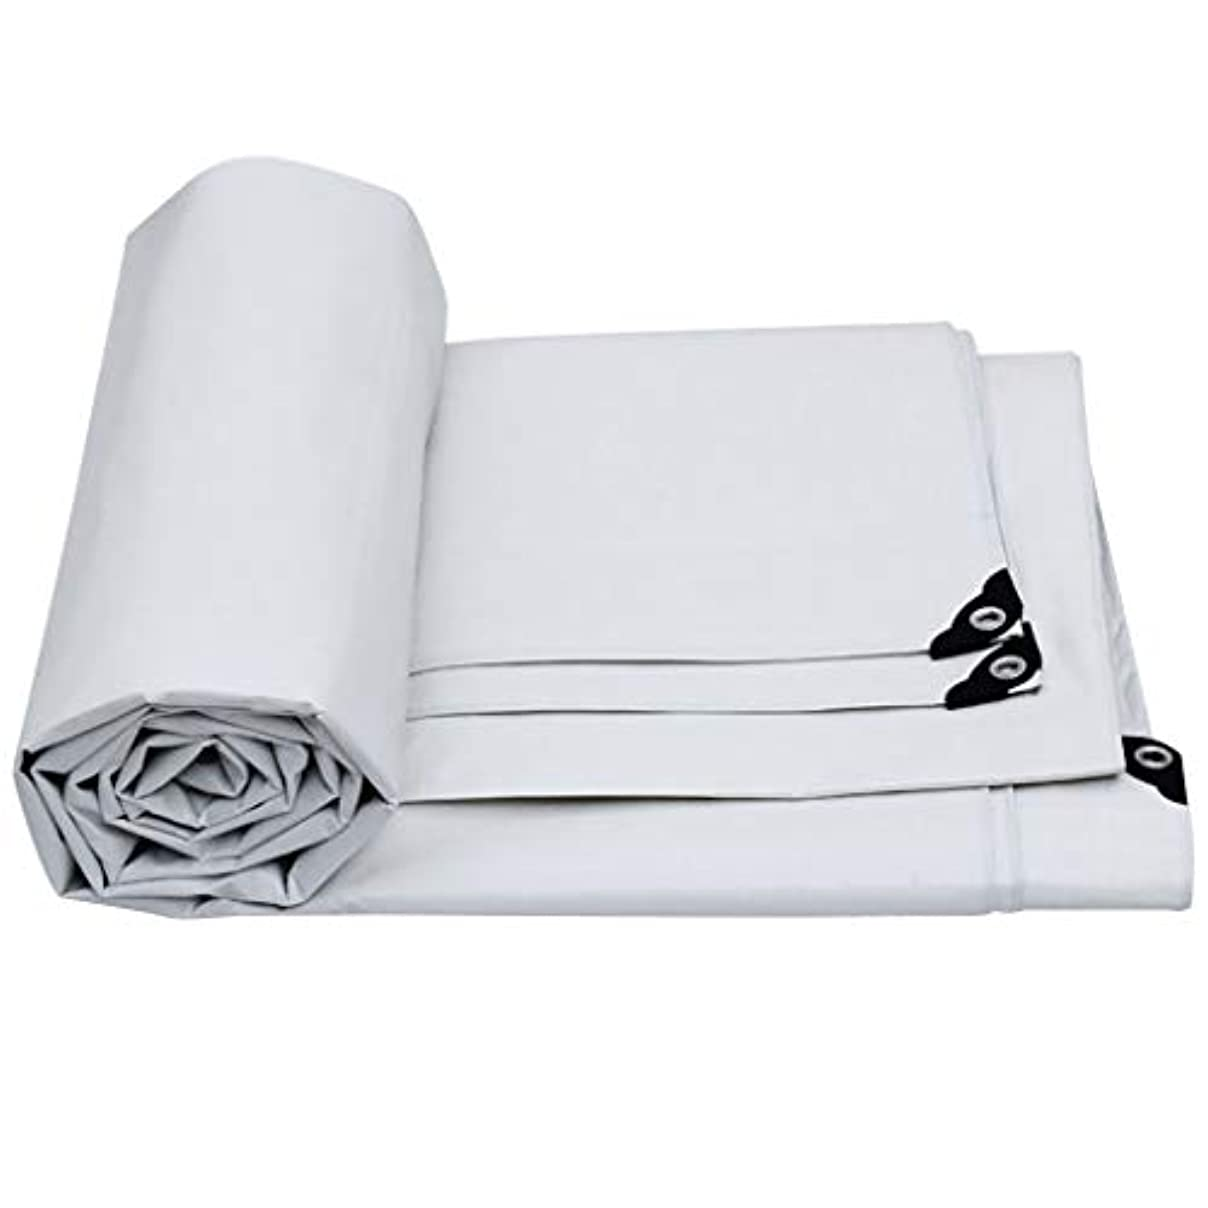 ロバ後継不適切なタープ 白い大きい防水シート/ポリ塩化ビニールの防水防水シートの継ぎ目が無いステッチの風邪の保護の絶縁材の陰の反酸化 テント (Color : White, Size : 8m × 10m)